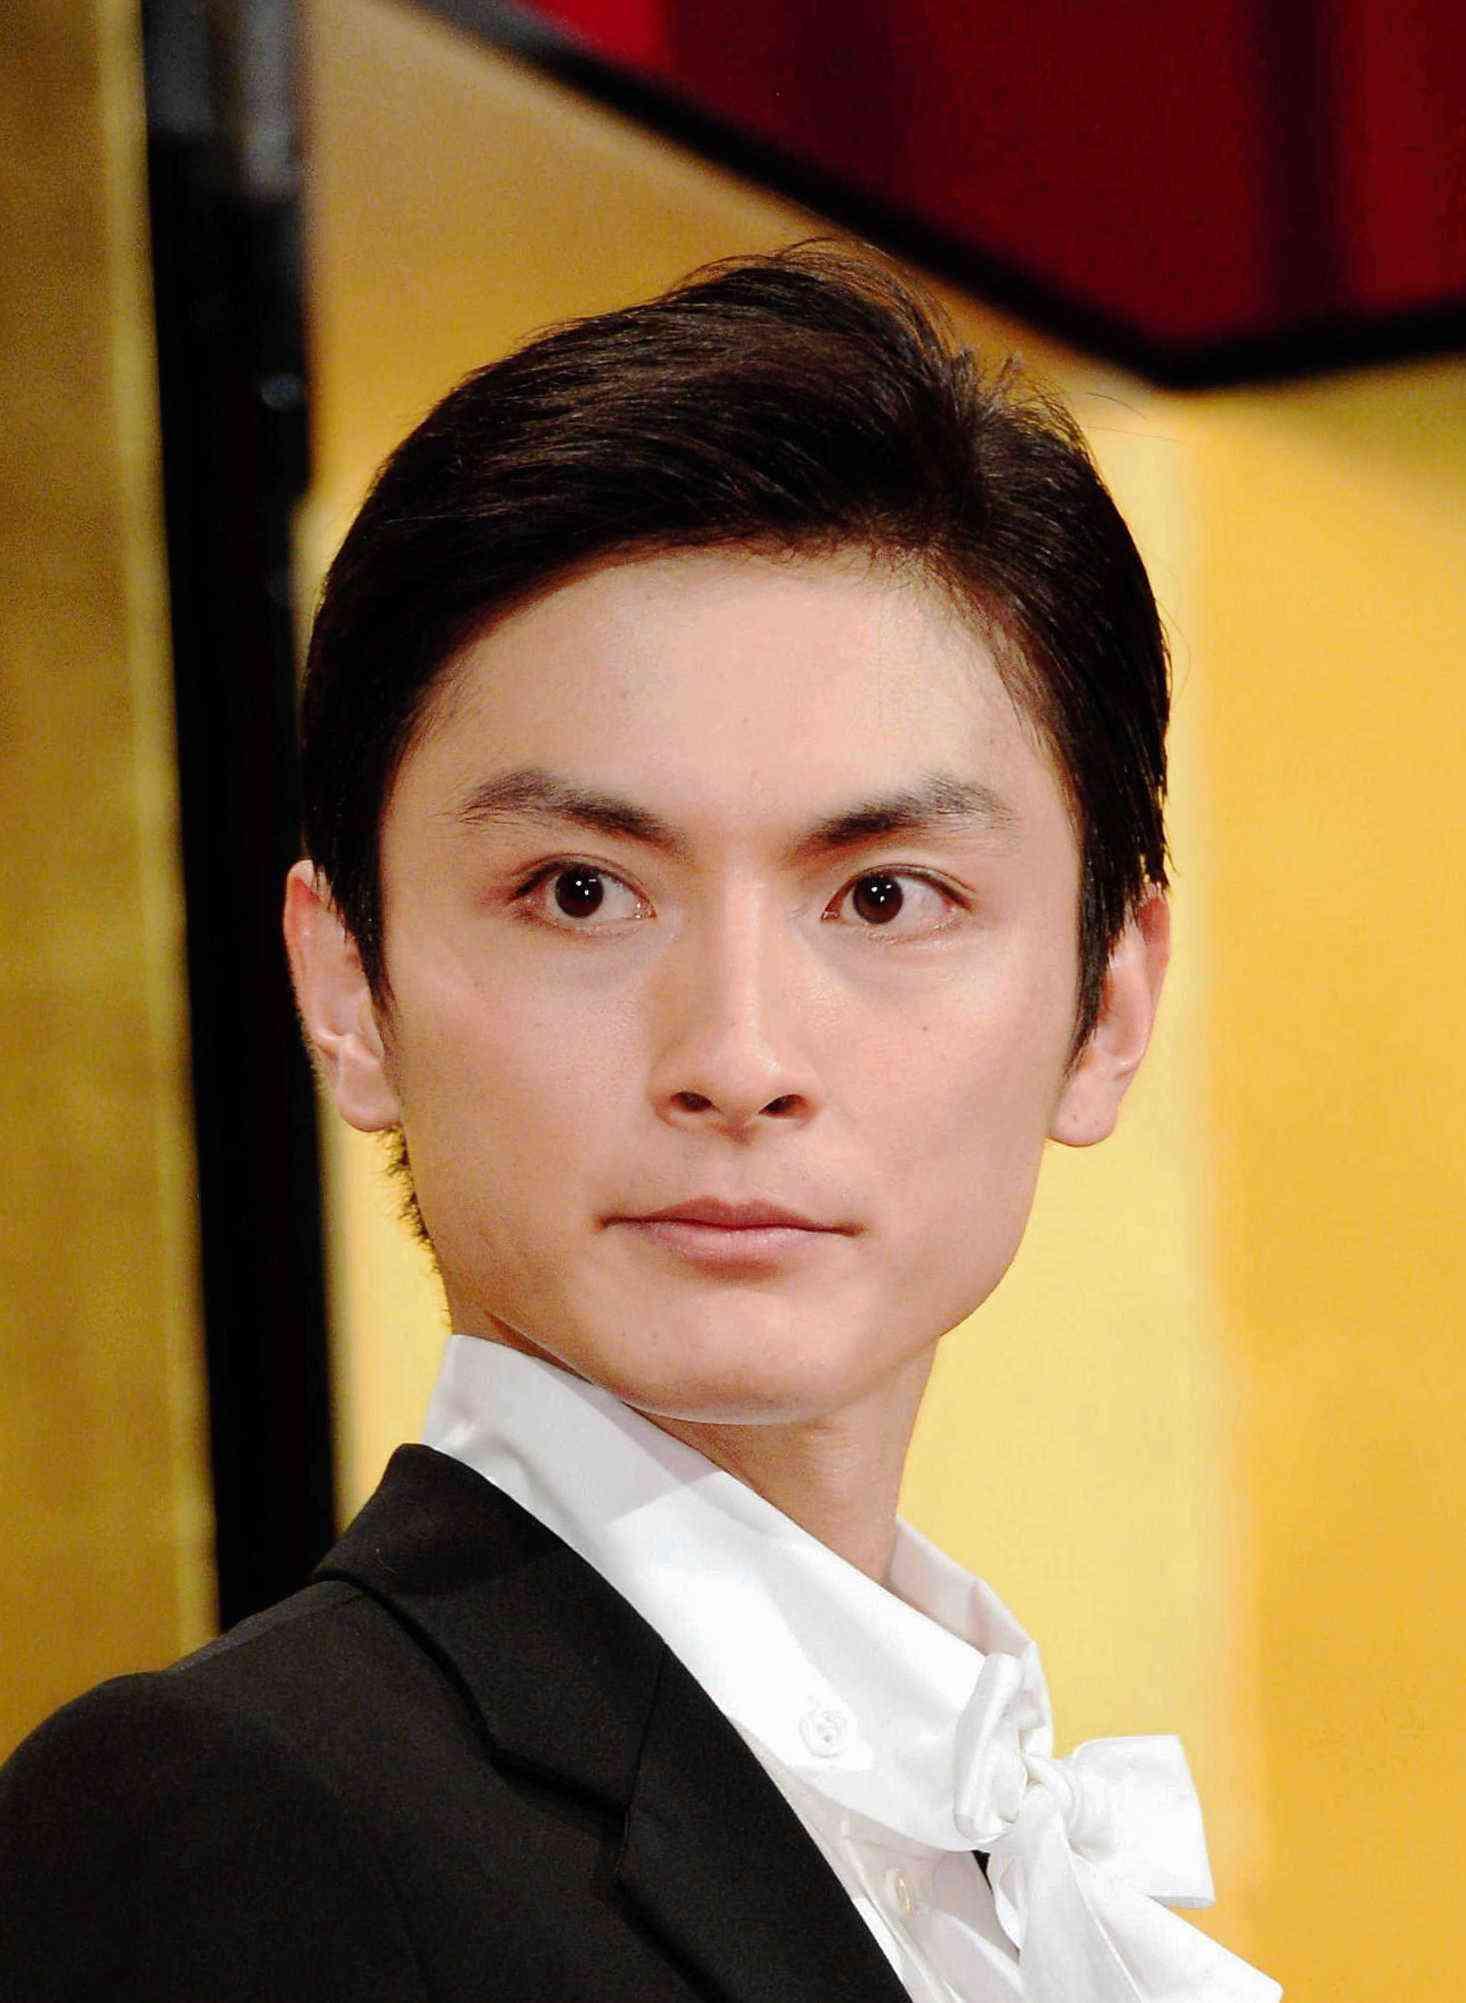 高良健吾 故郷熊本で給水ボランティア 騒ぎにならぬよう変装姿 (デイリースポーツ) - Yahoo!ニュース